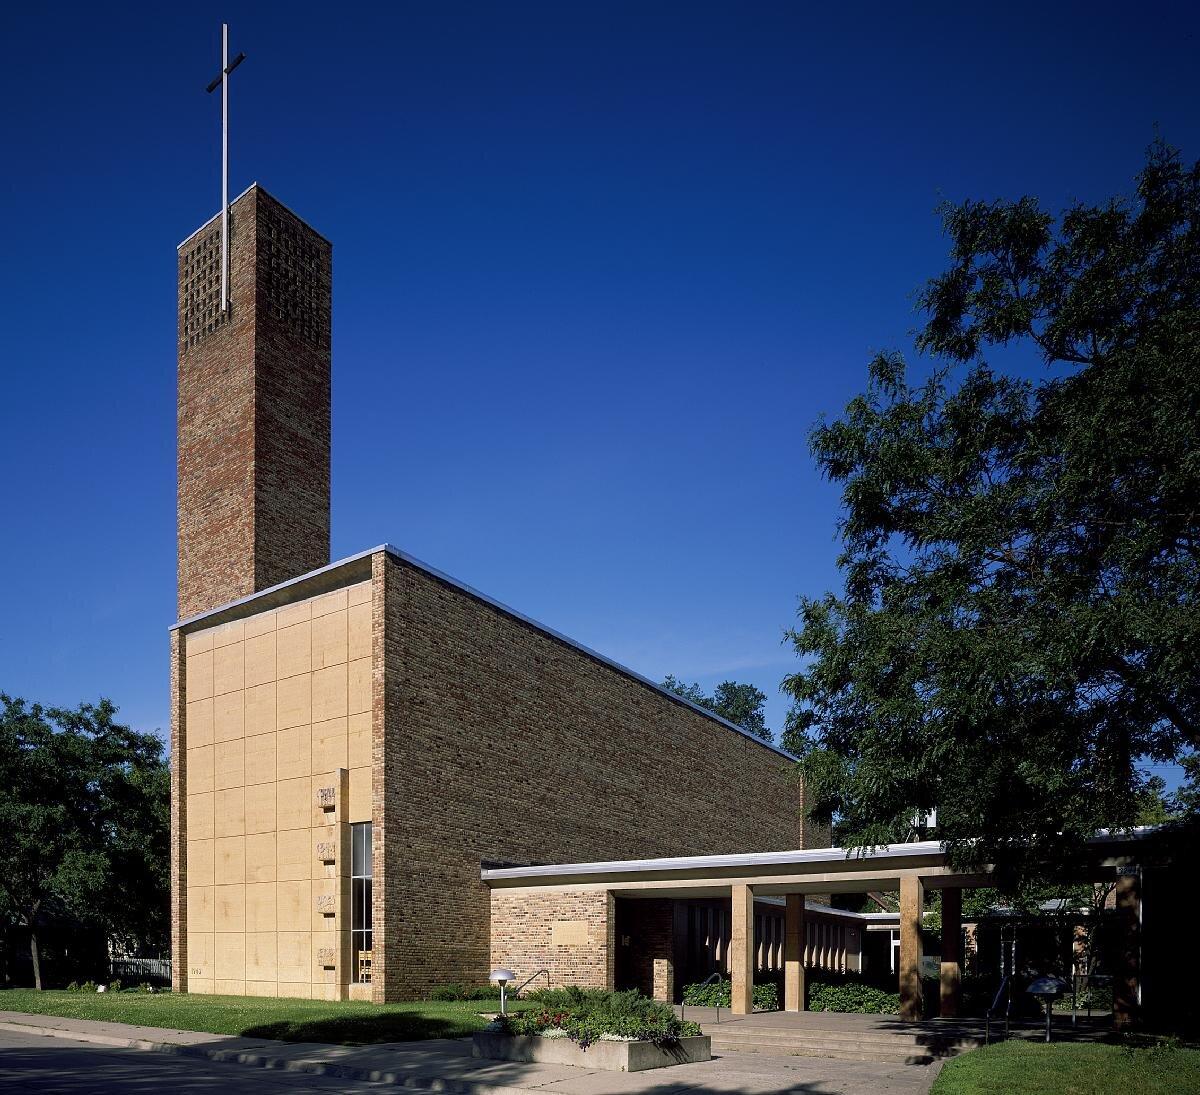 Eliel Saarinent's iconic mid-century Christ Lutheran Church in Minneapolis, Minnesota